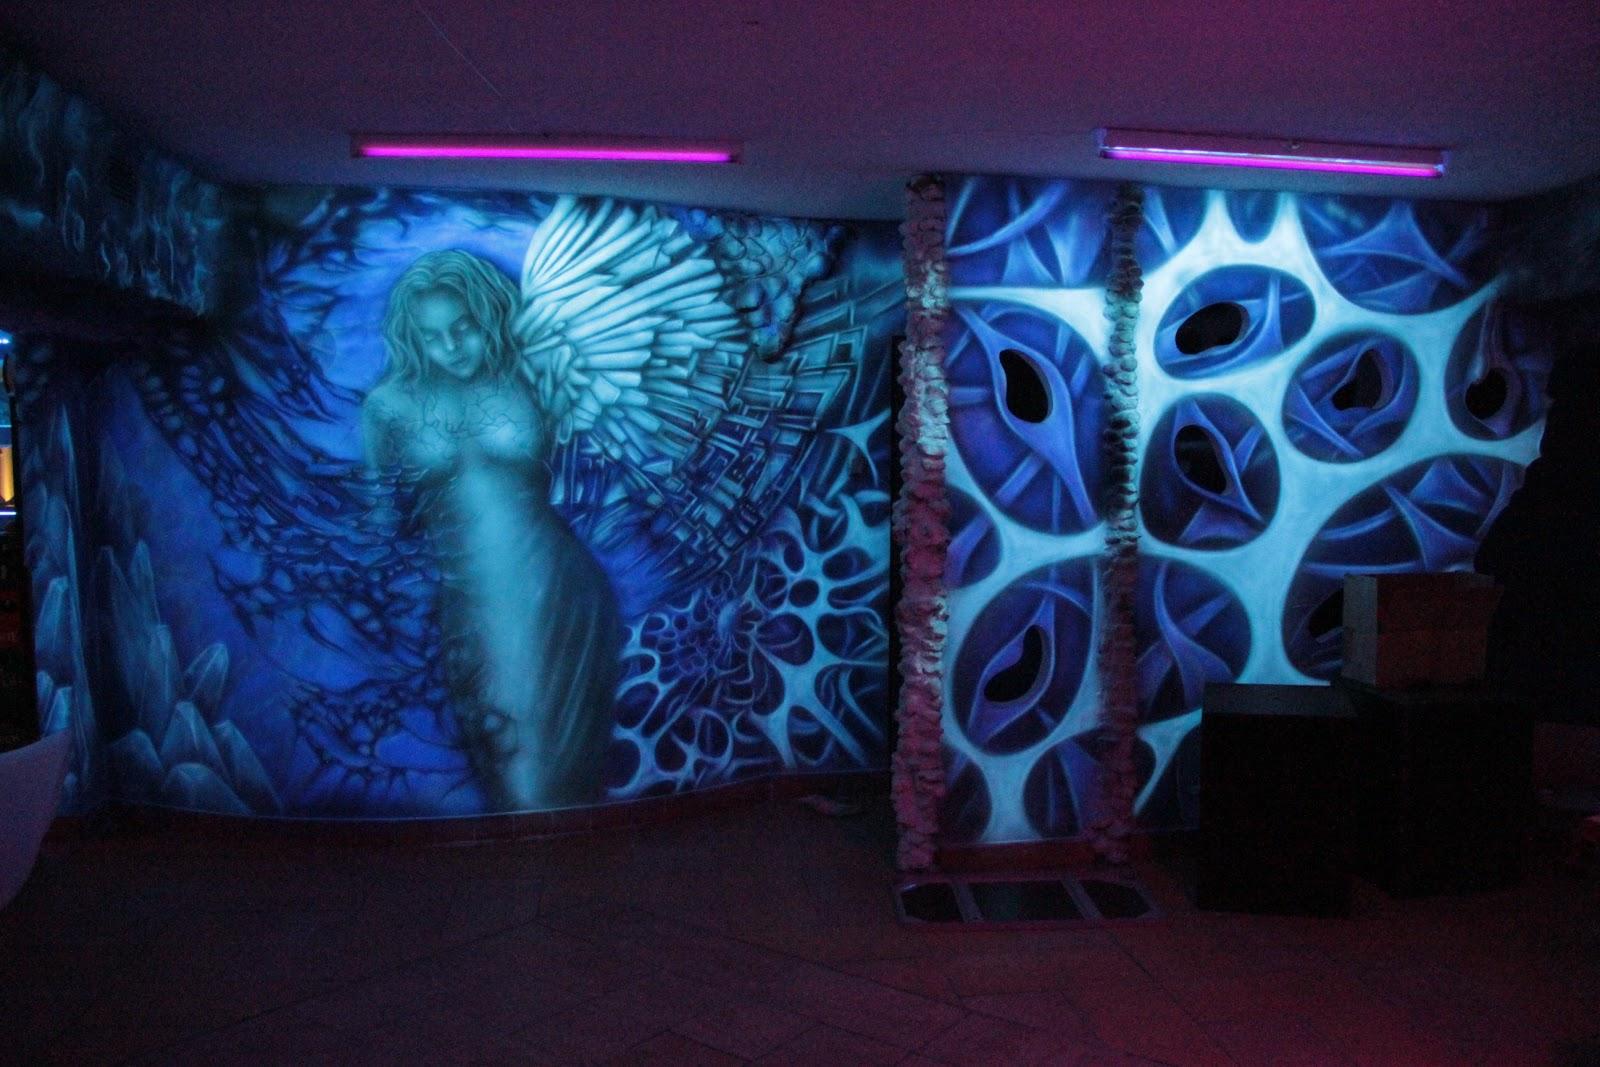 Mural biomechaniczny przedstawiający anioła namalowany na ścianie w klubie muzycznym Arctica w Płocku,